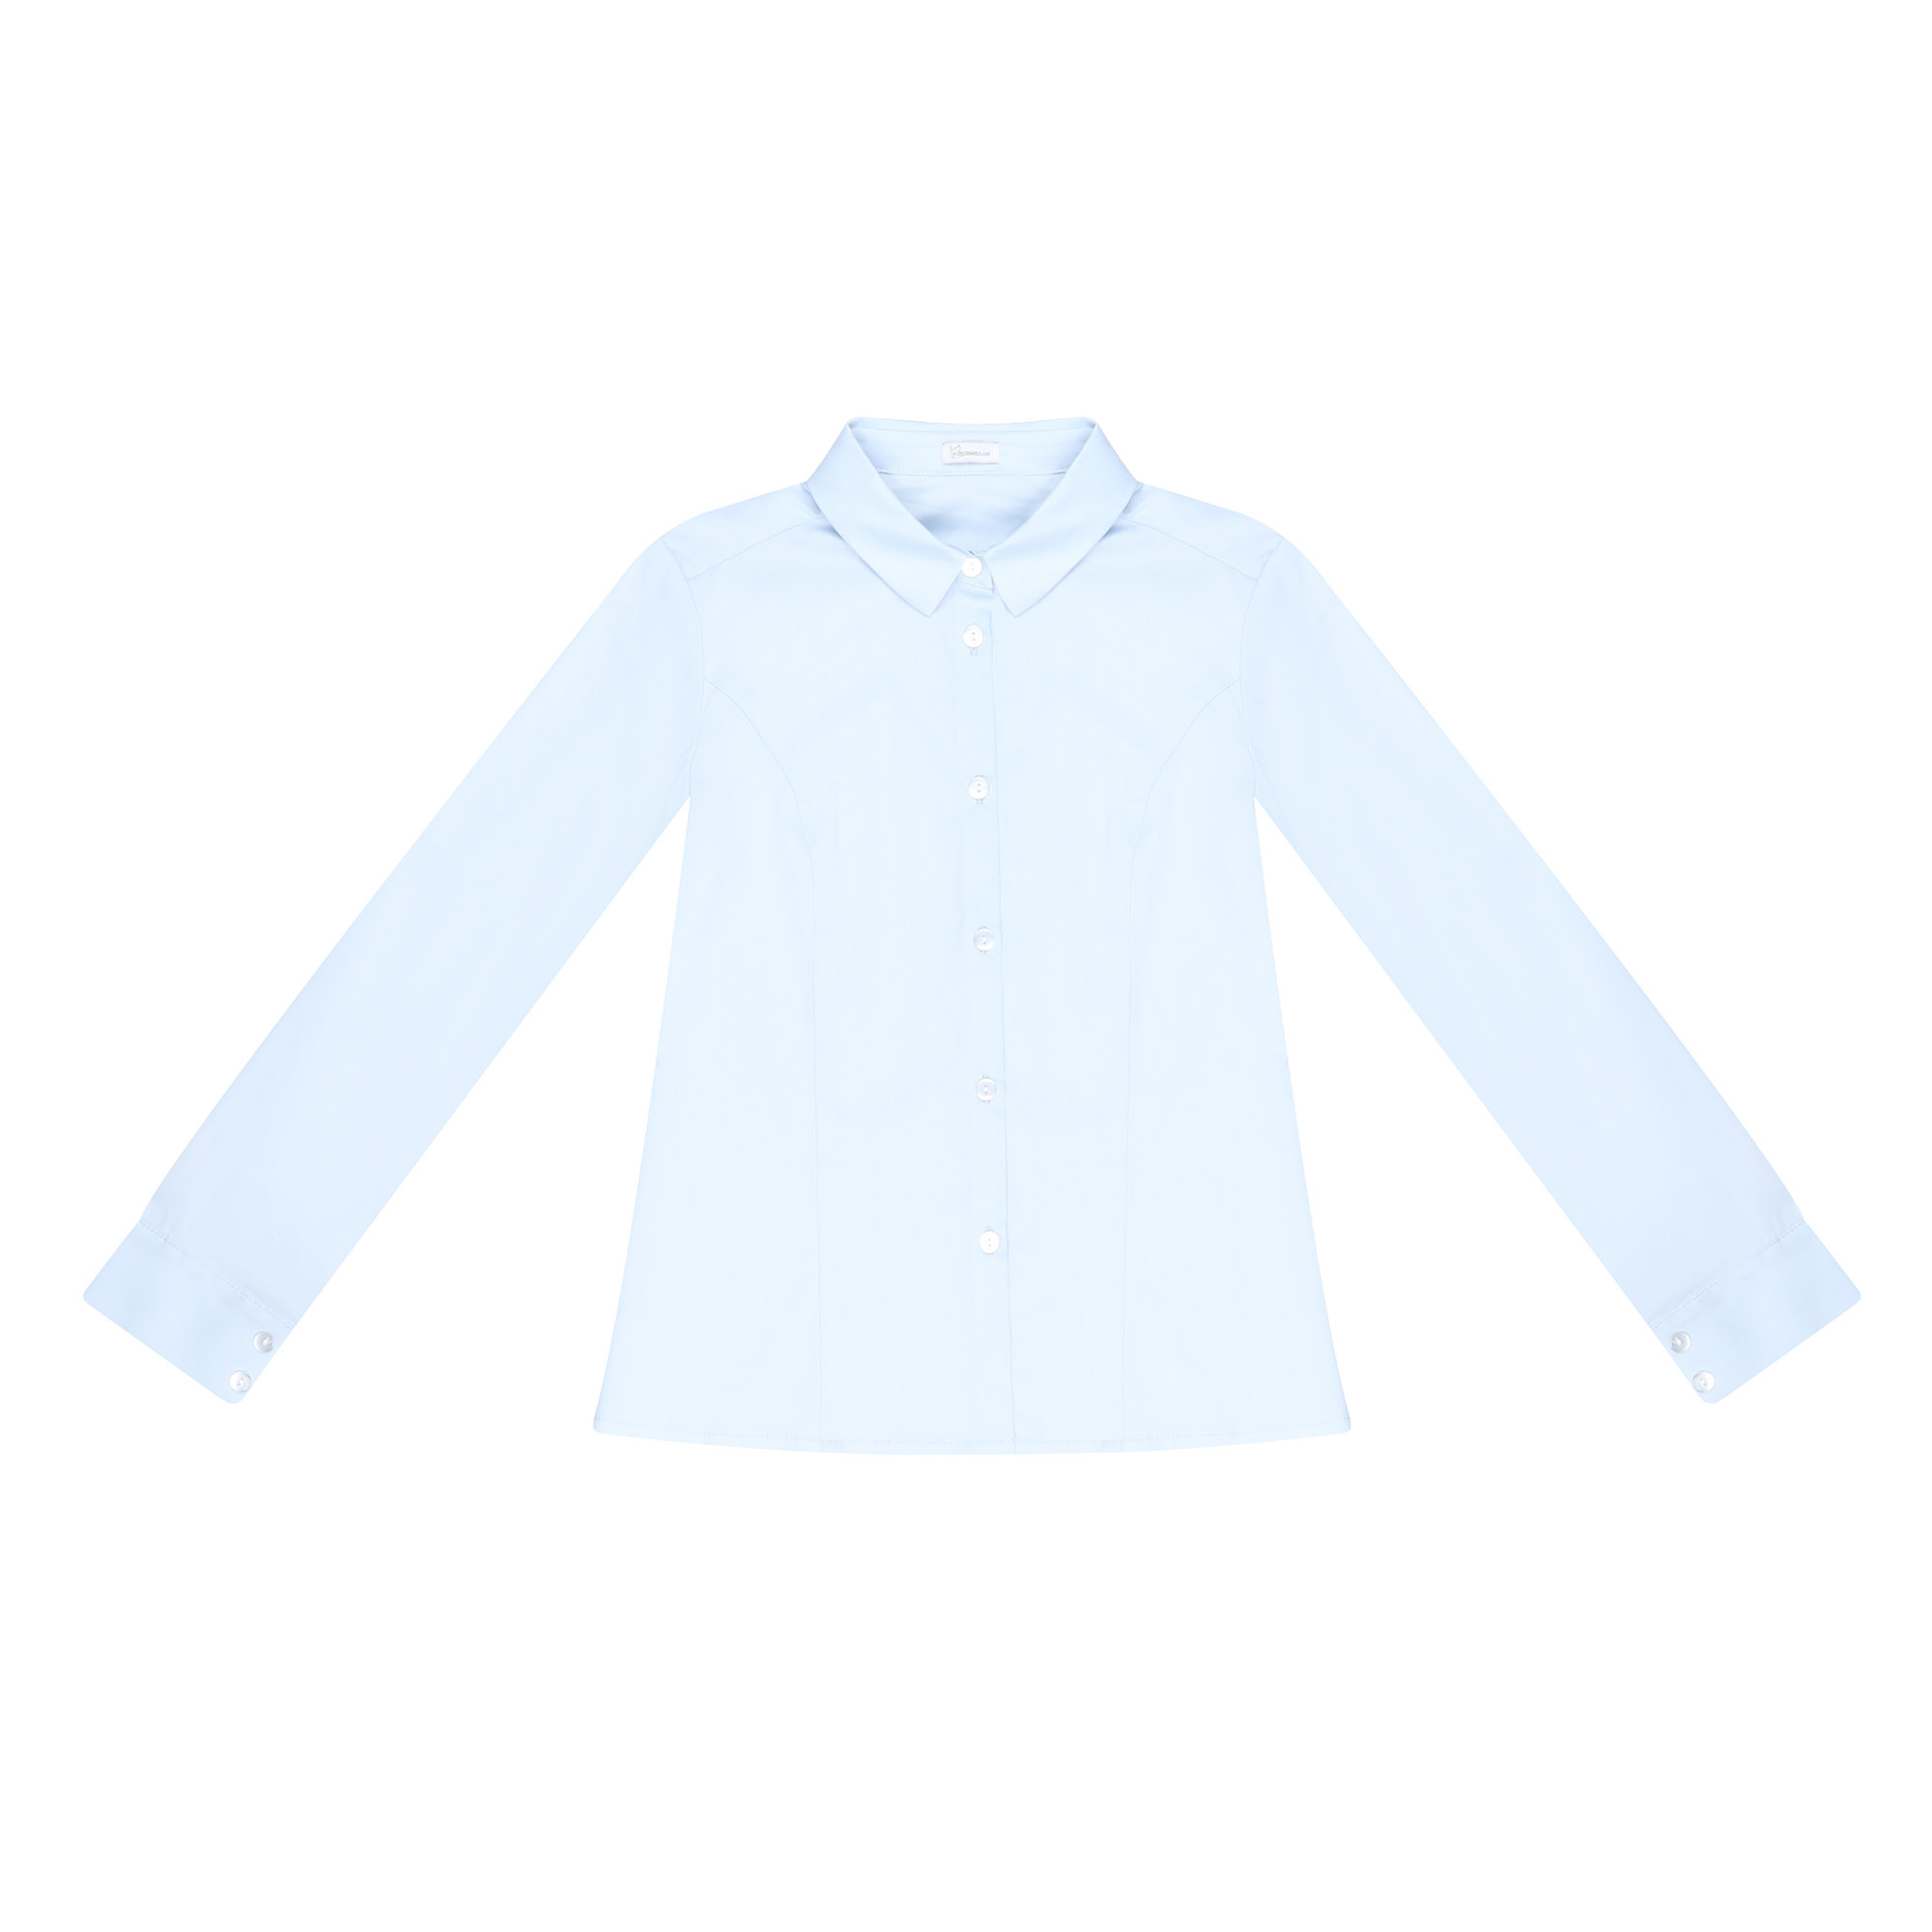 Купить Блузка школьная КАРАМЕЛЛИ О74165 голубая 158, Голубой, Для девочек, Всесезонный,